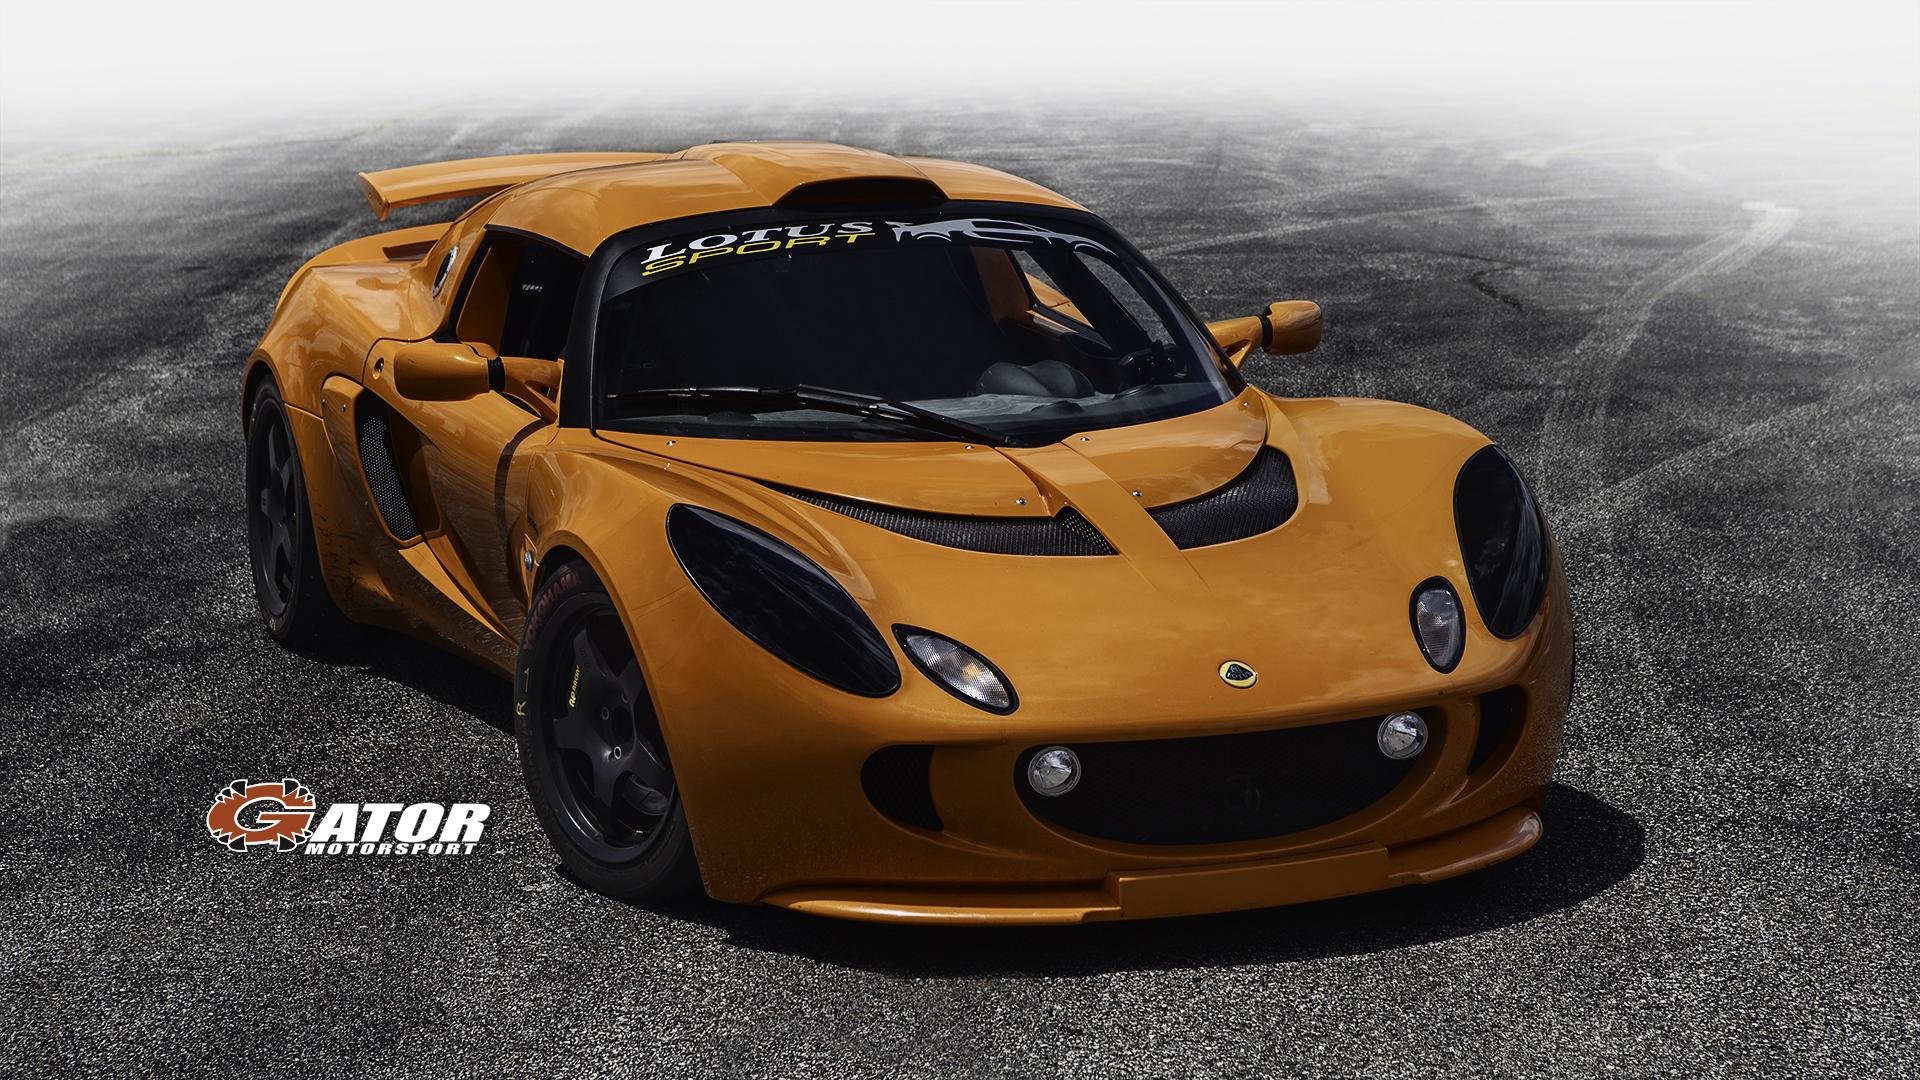 Gator Motorsport Cars For Sale